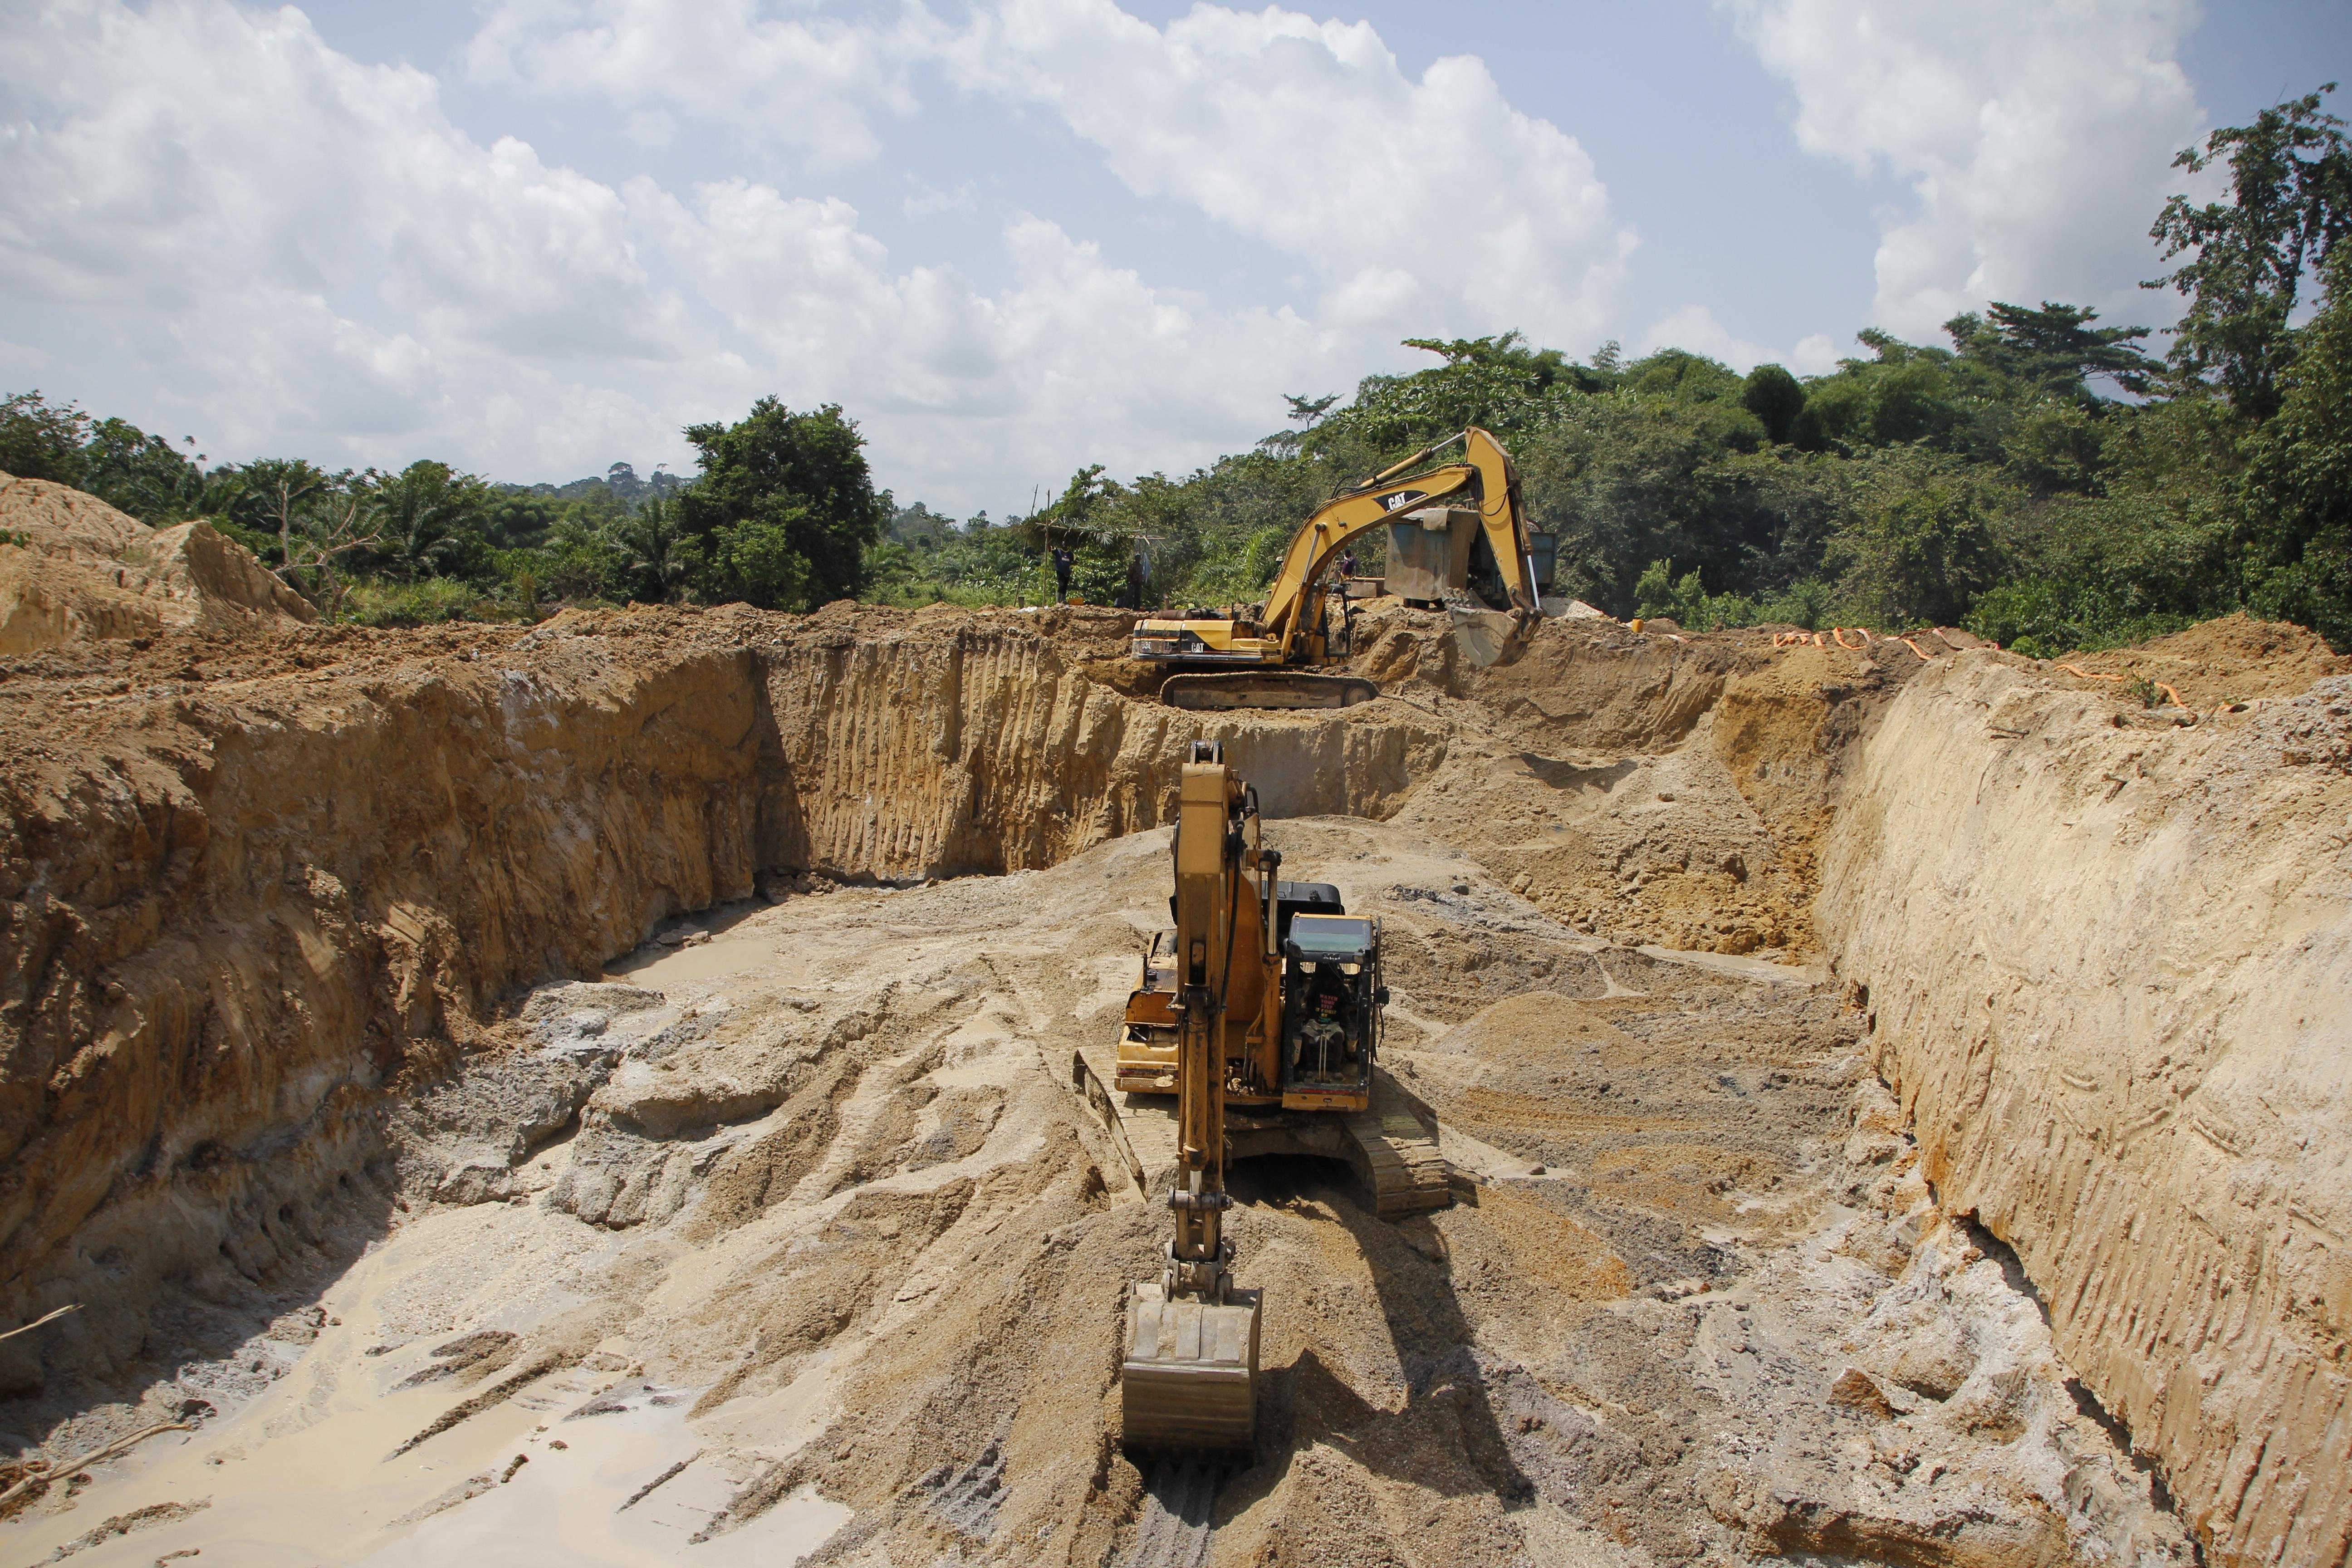 6 mineri au murit în urma prăbuşirii unei mine de aur, în Ghana